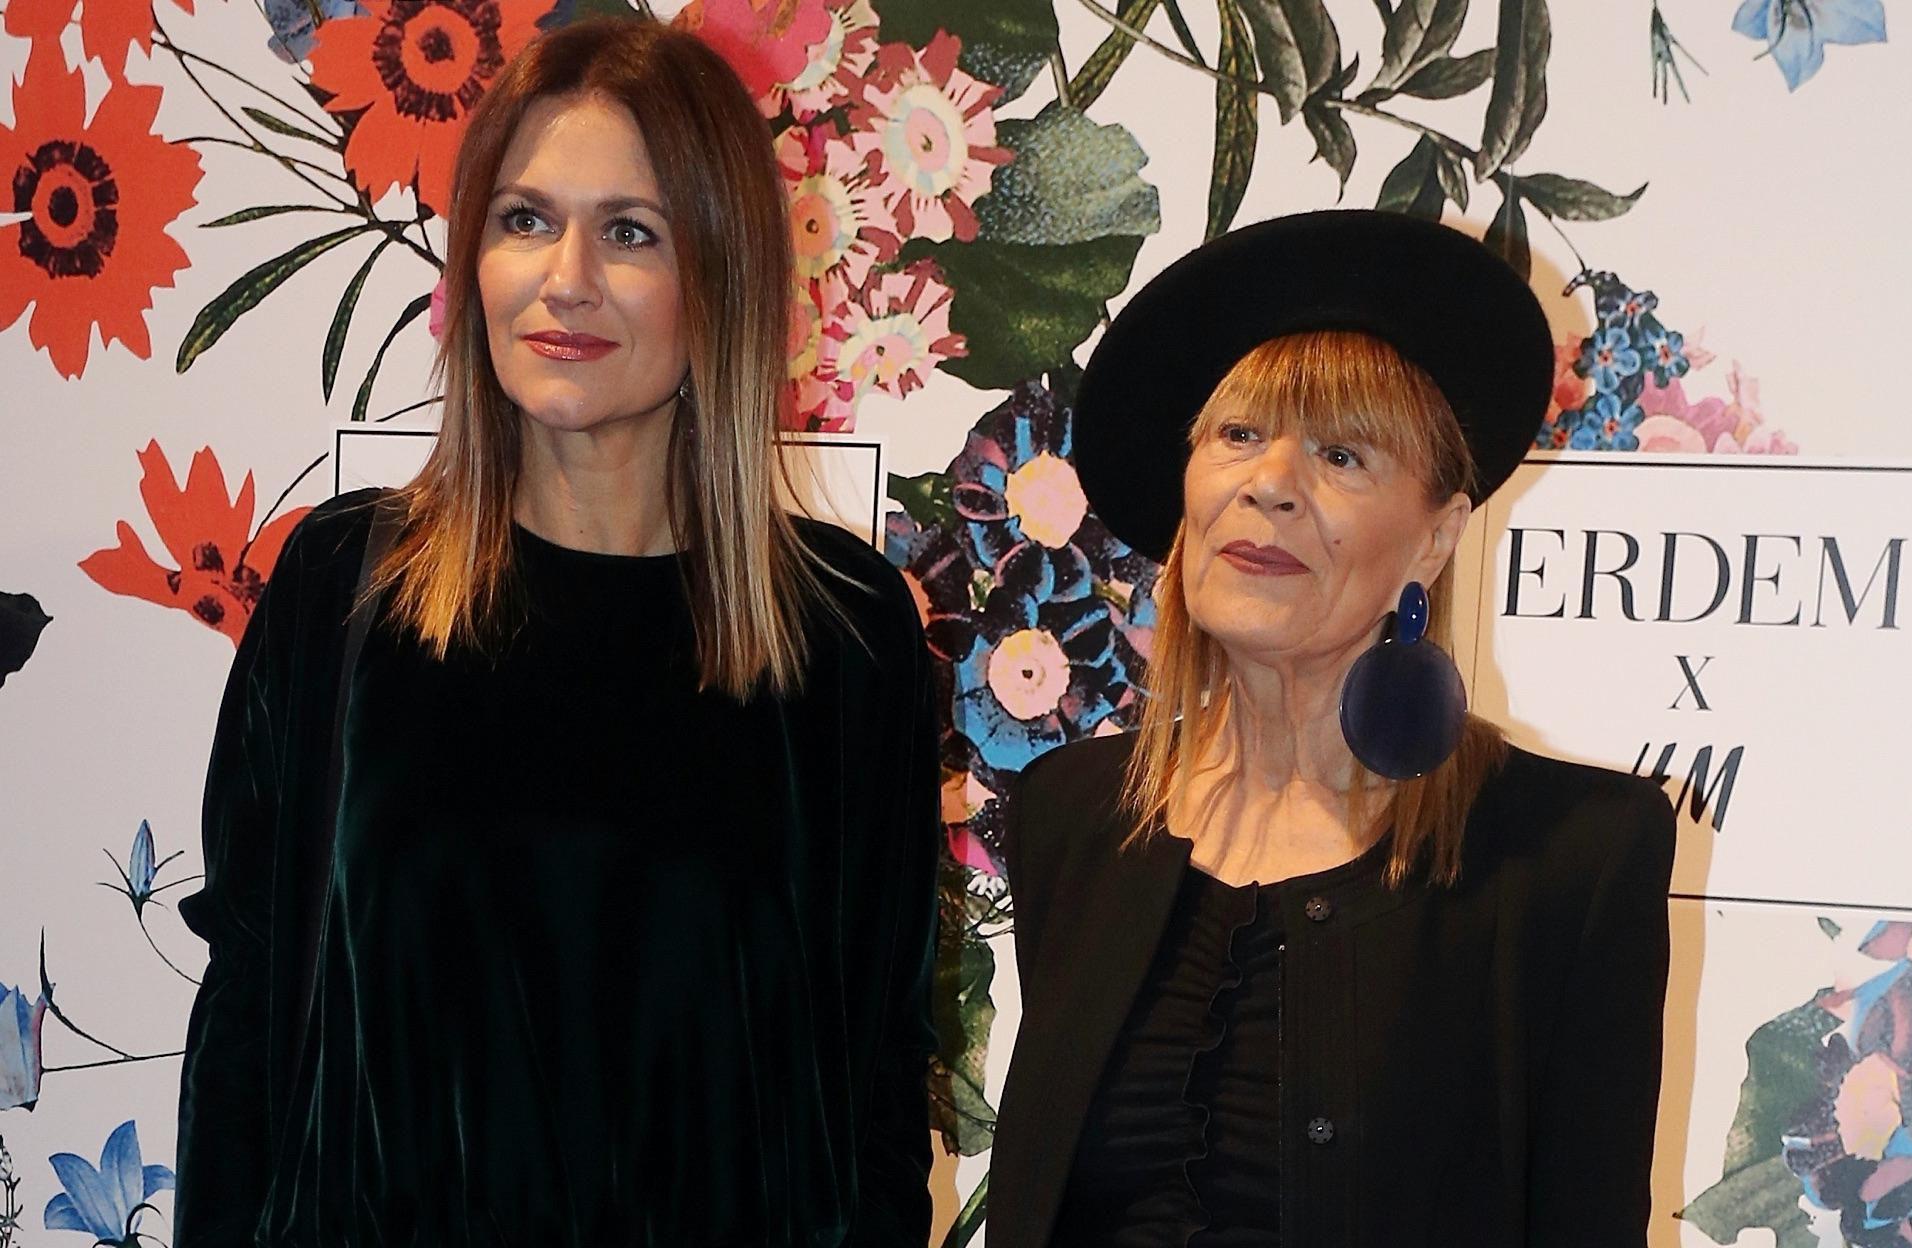 Pogledajte kako su majka i kći Tedeschi blistale na predstavljanju nove kolekcije